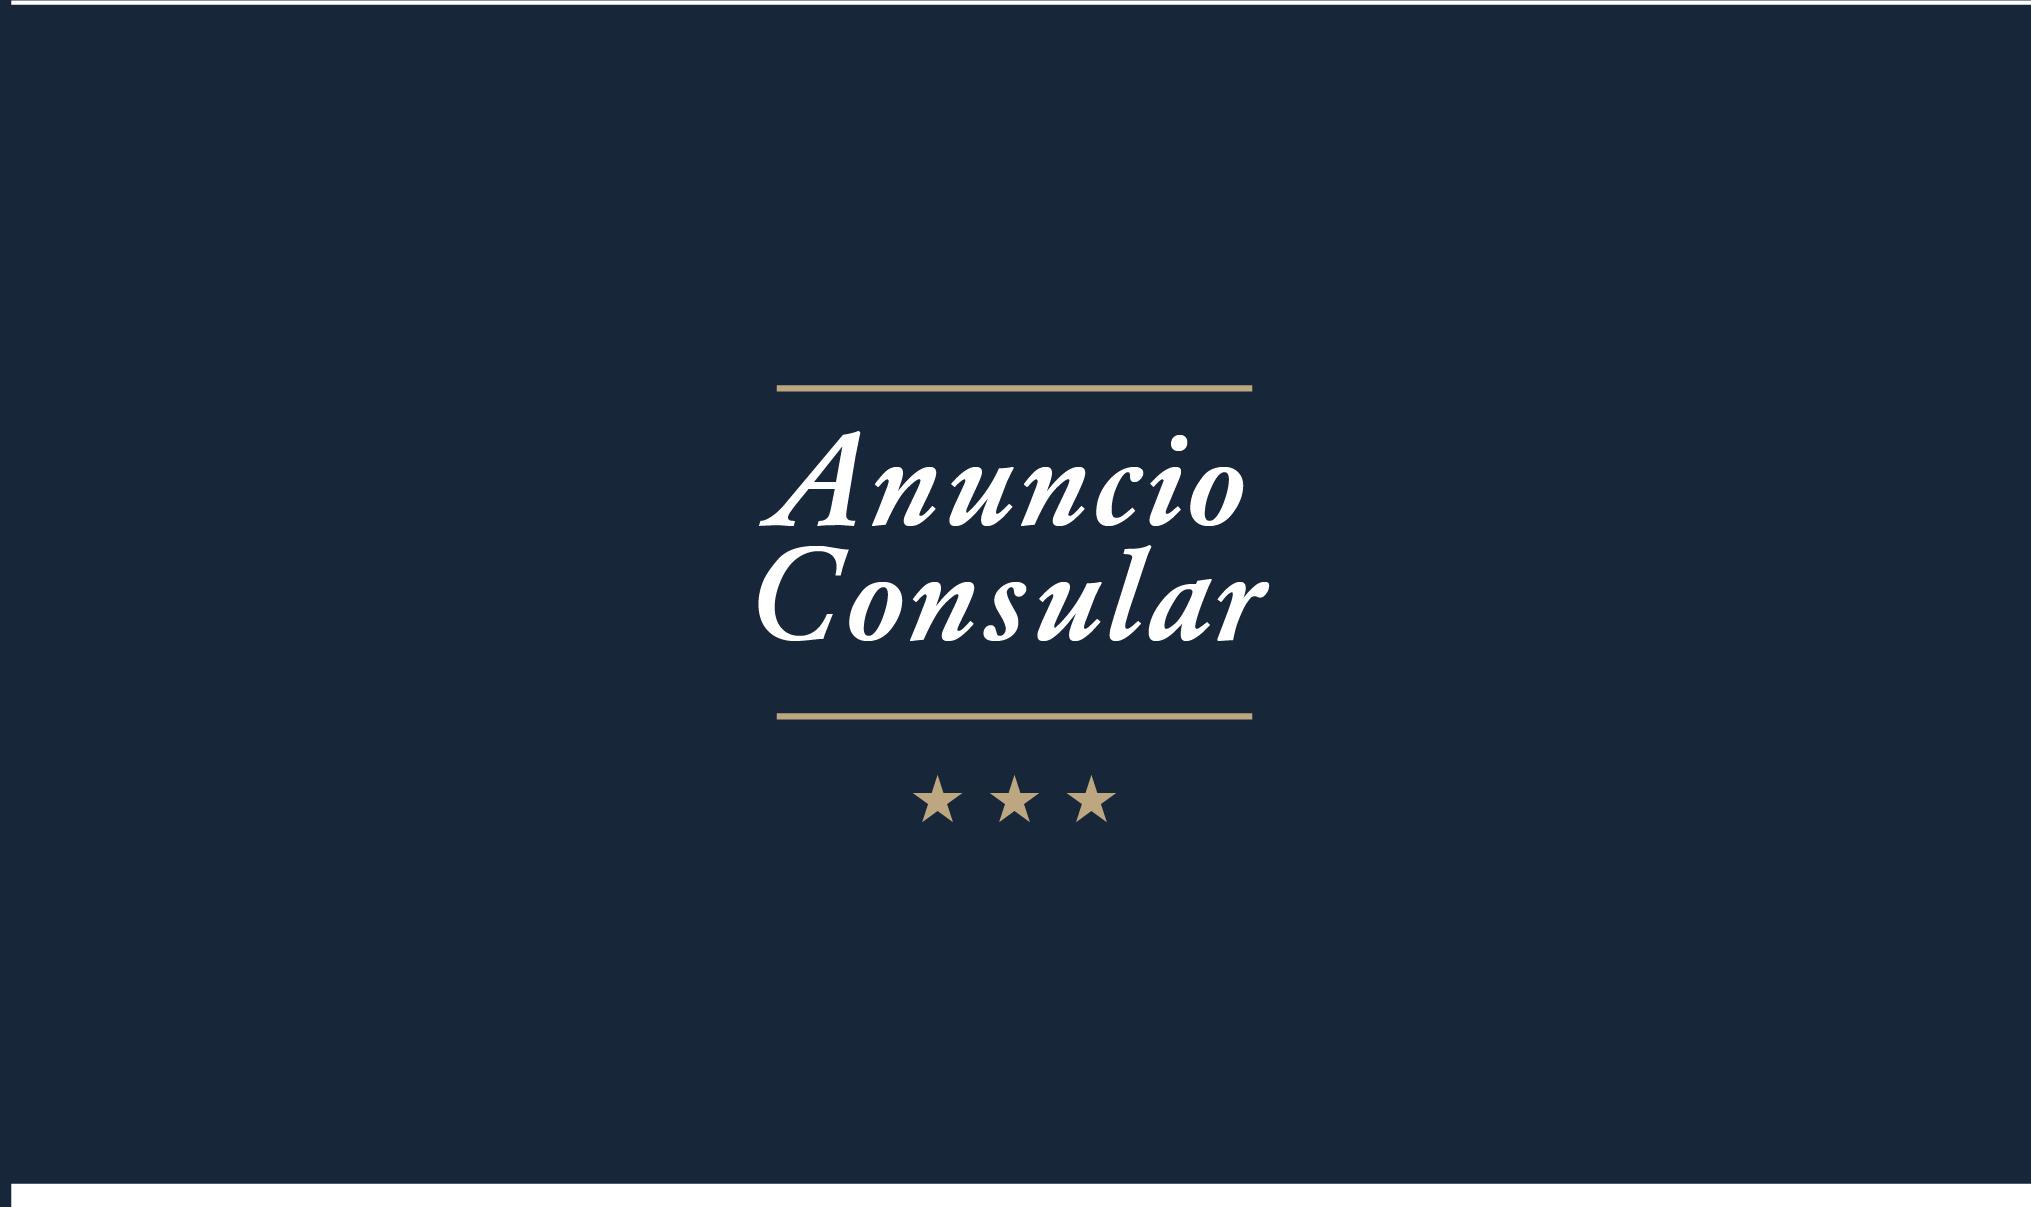 Anuncio Consular